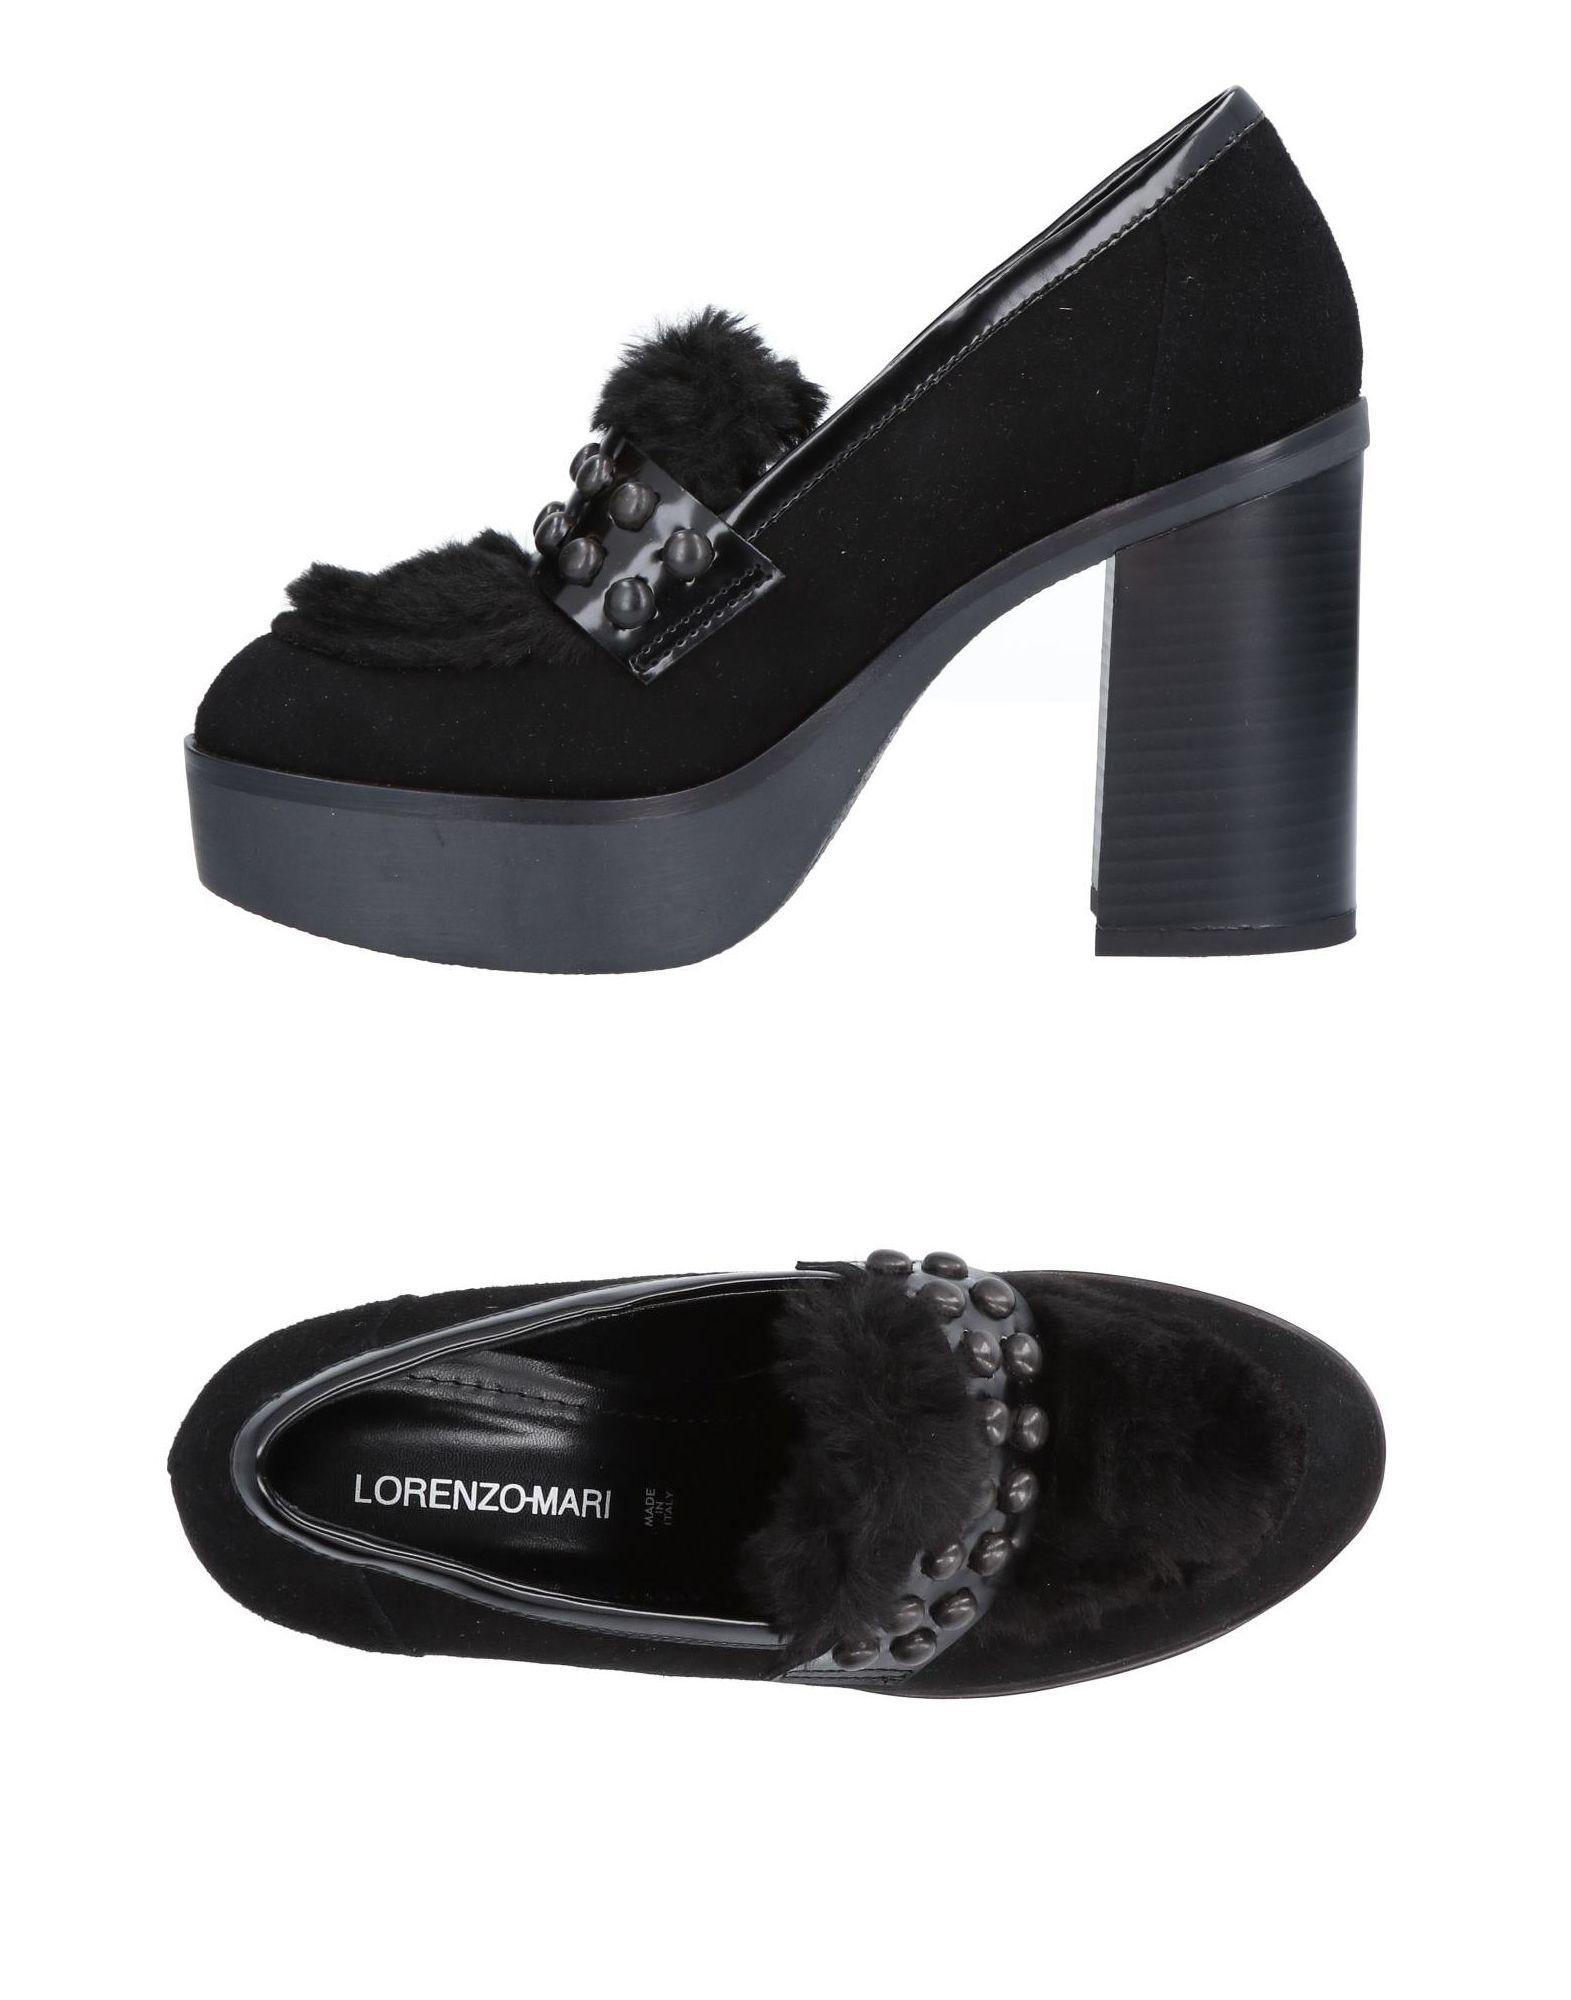 Lorenzo Mari Mokassins Damen  11486777LE Gute Schuhe Qualität beliebte Schuhe Gute 785482